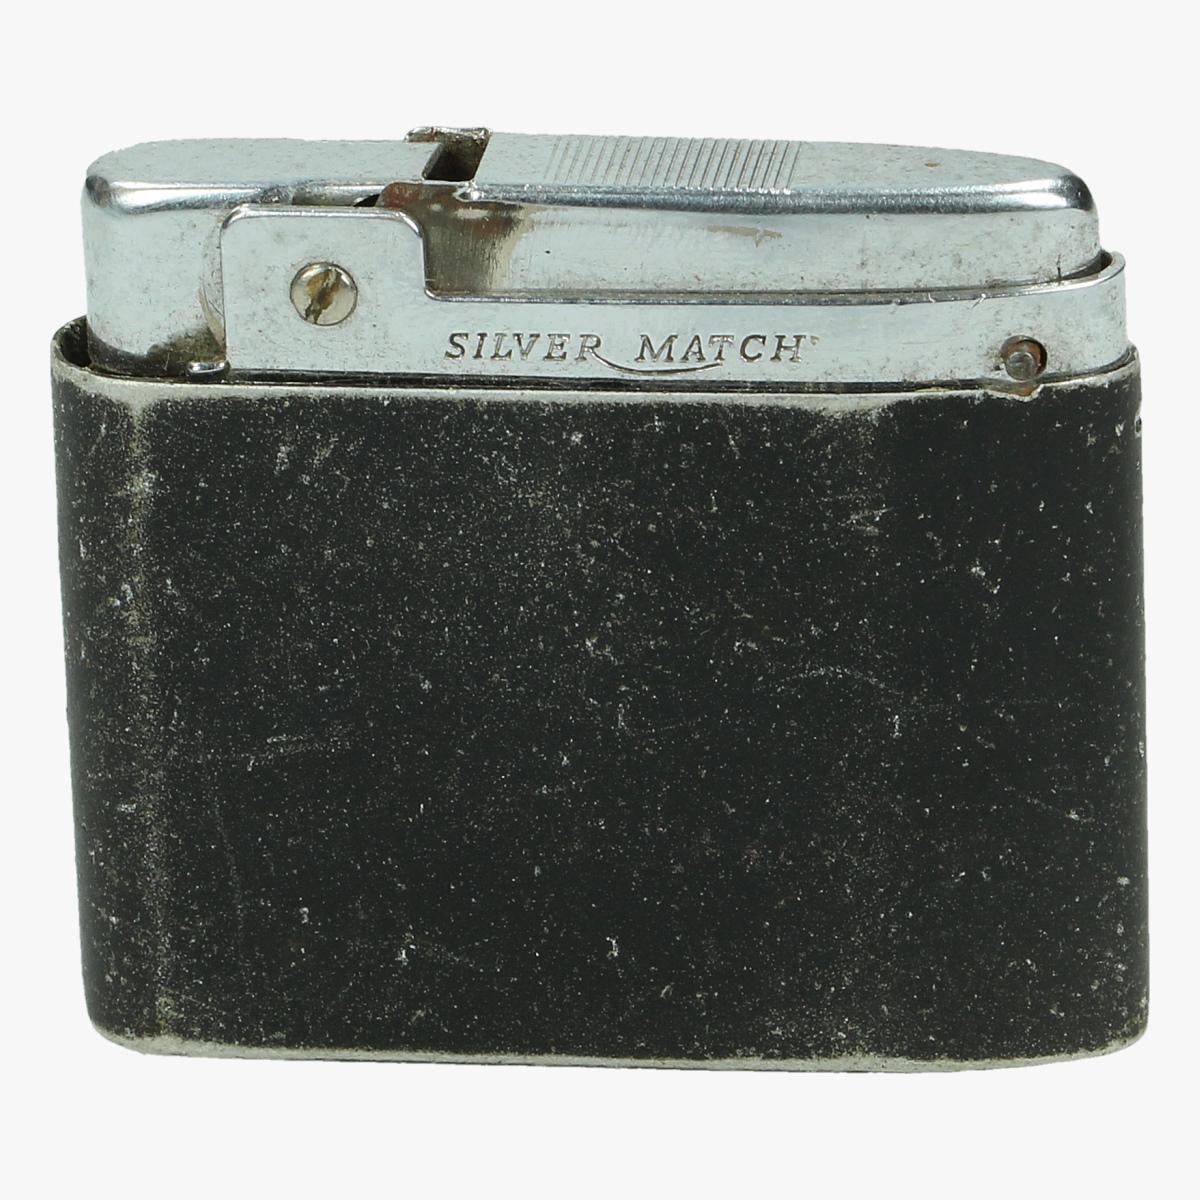 Afbeeldingen van oude aansteker silver match